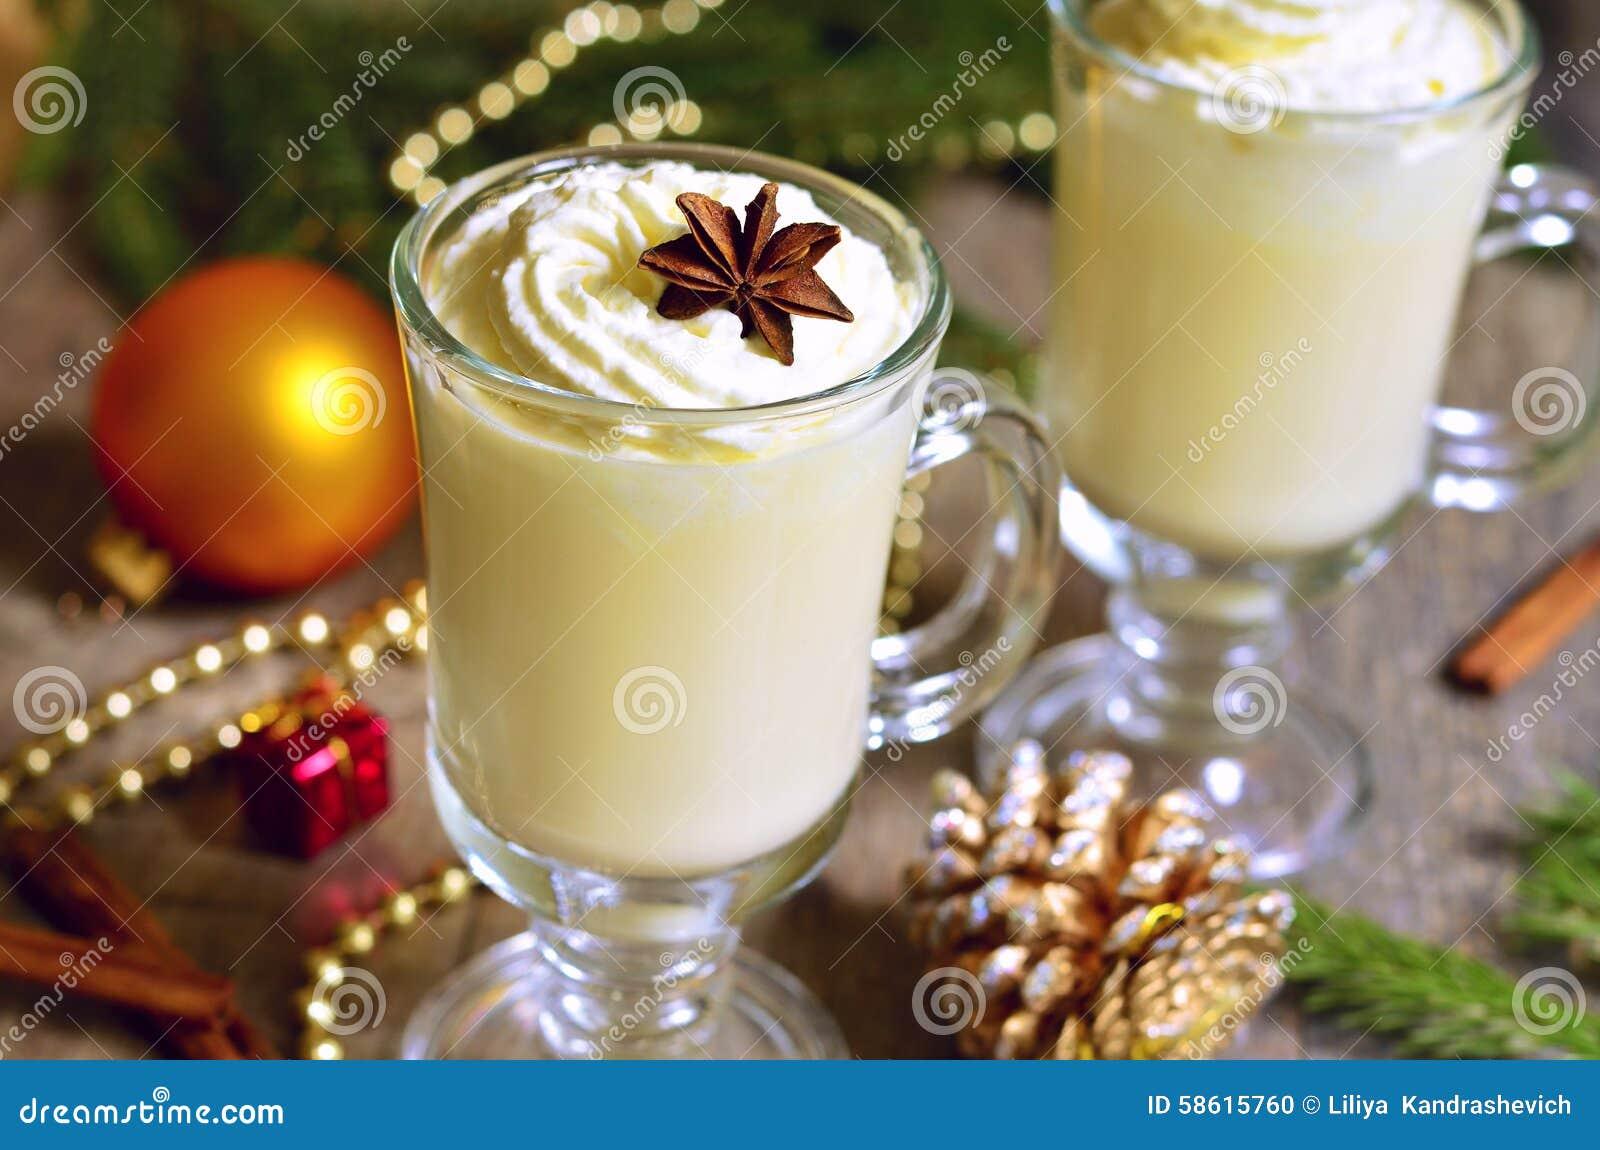 Eggnog hot christmas drink stock photo image 58615760 - Traditional eggnog recipe holidays ...